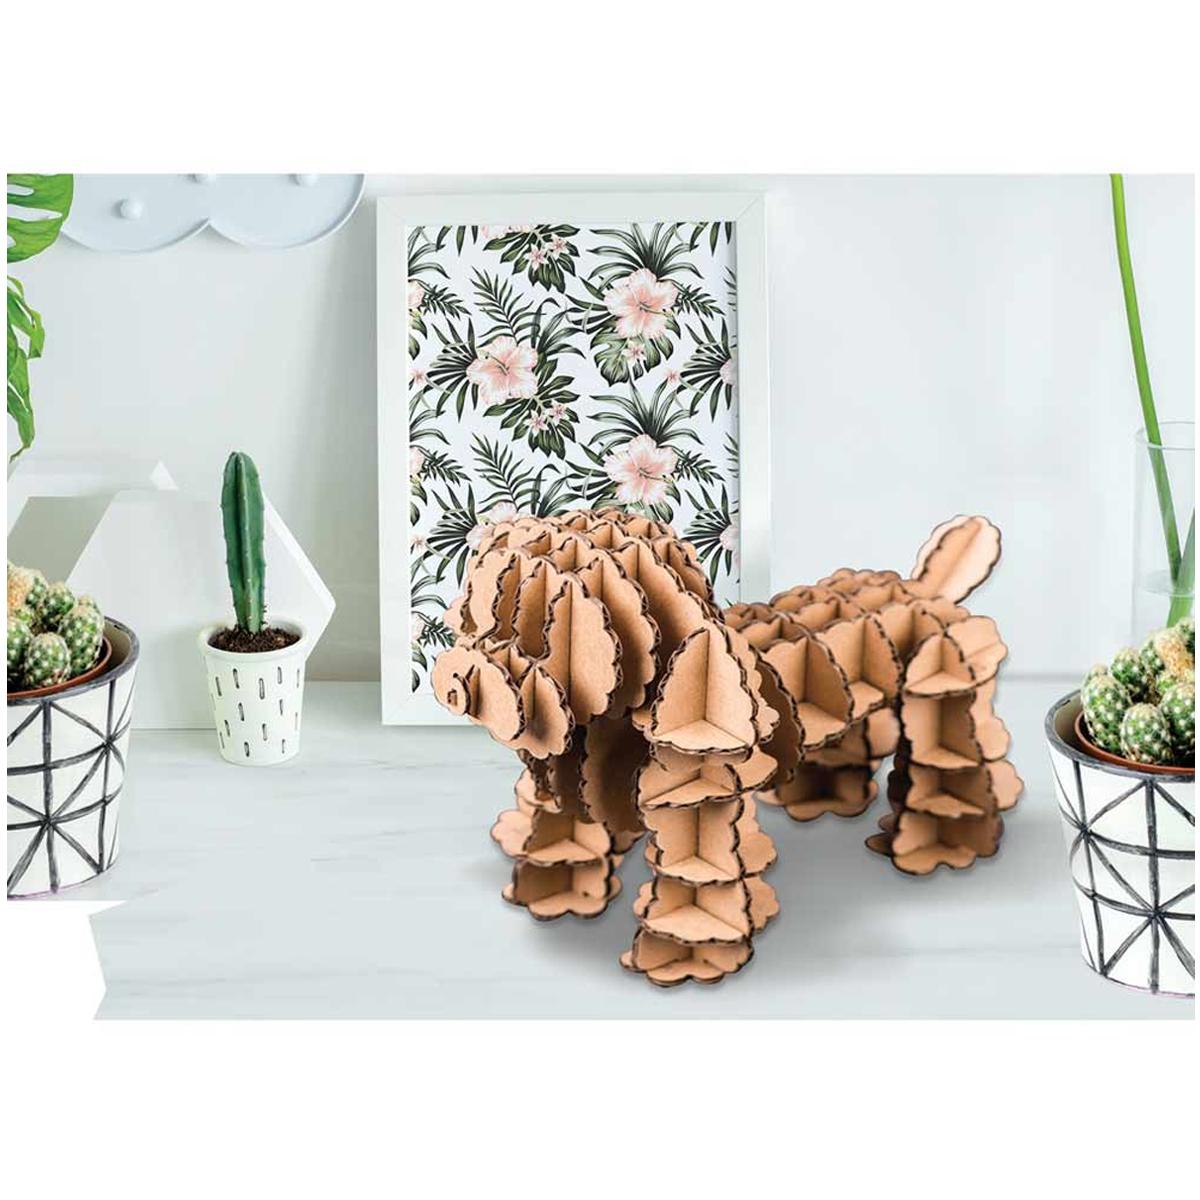 Figurine carton 3D \'Chien\' - planches 30x305 cm - [Q9215]